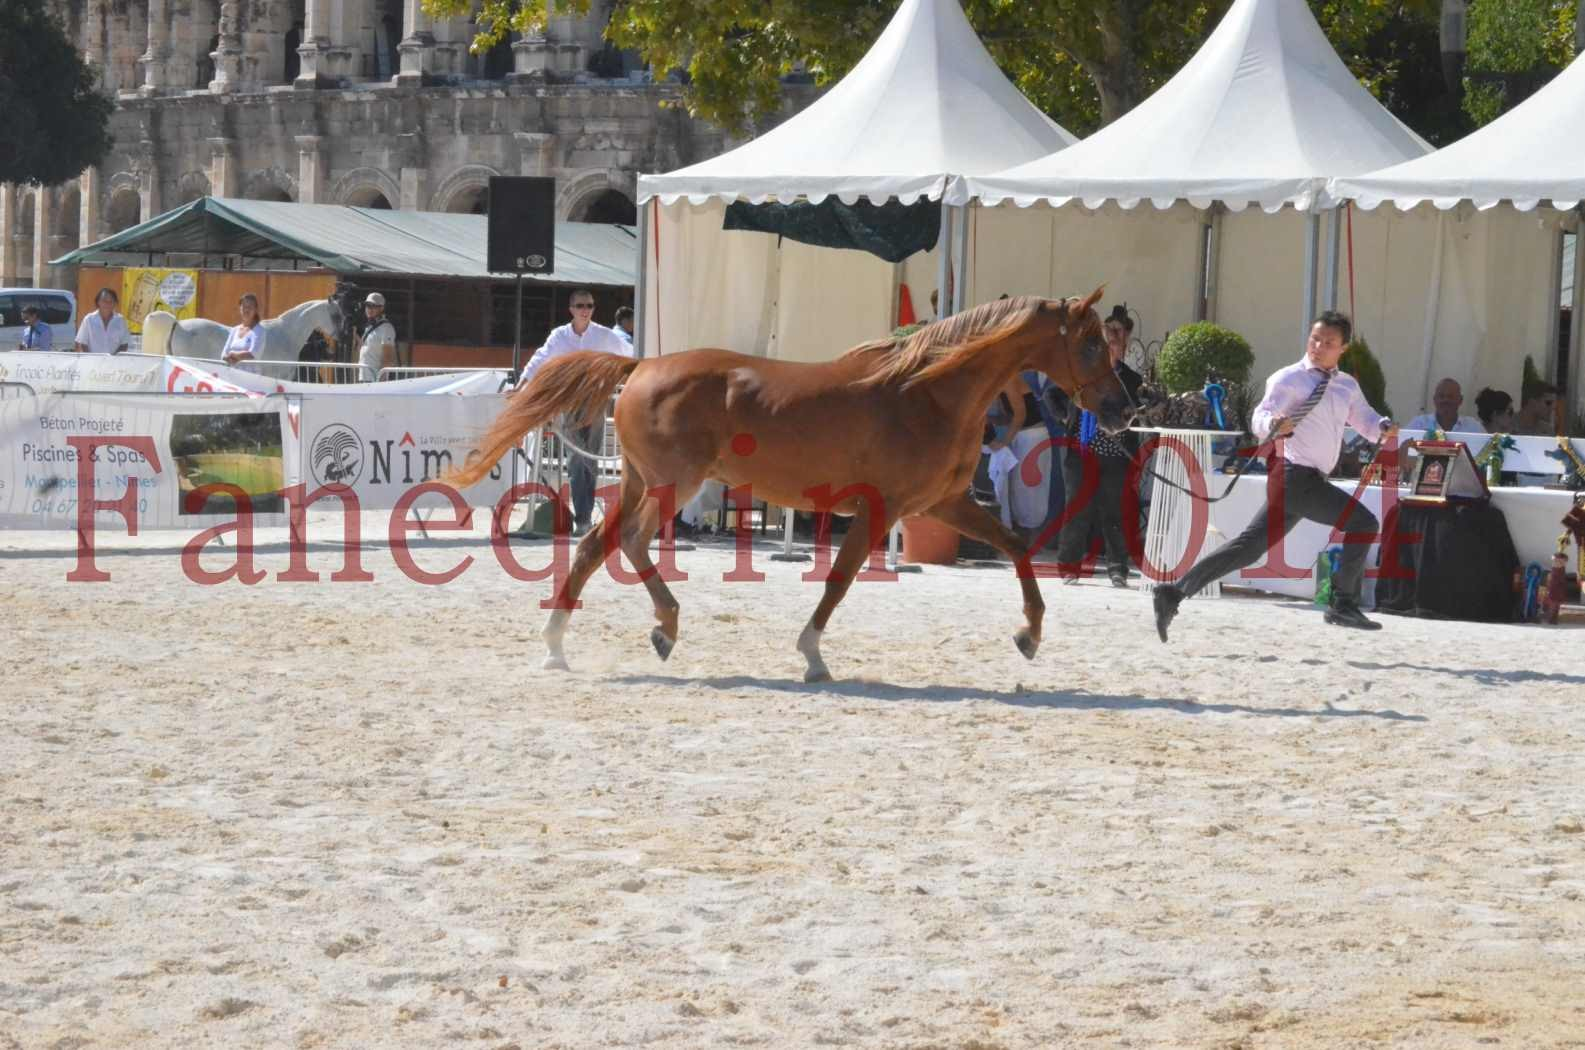 Concours National de Nîmes de chevaux ARABES 2014 - Championnat - MASSAI DE BARREL - 12